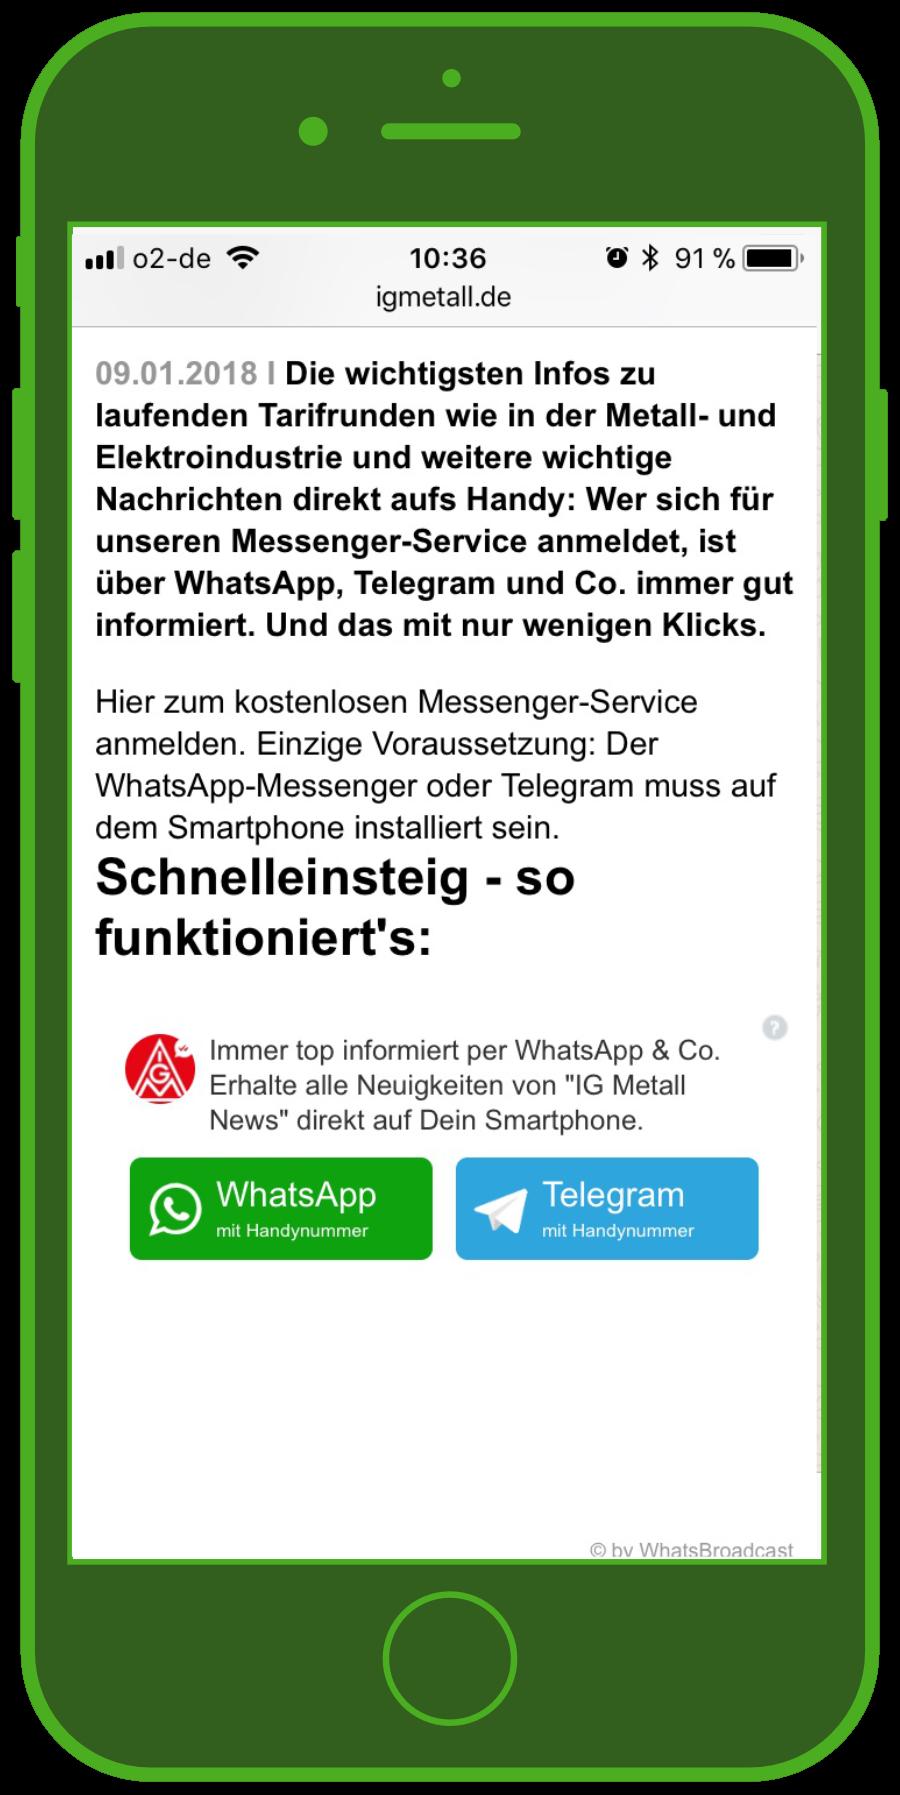 parteien-und-whatsapp-ig-metall-1